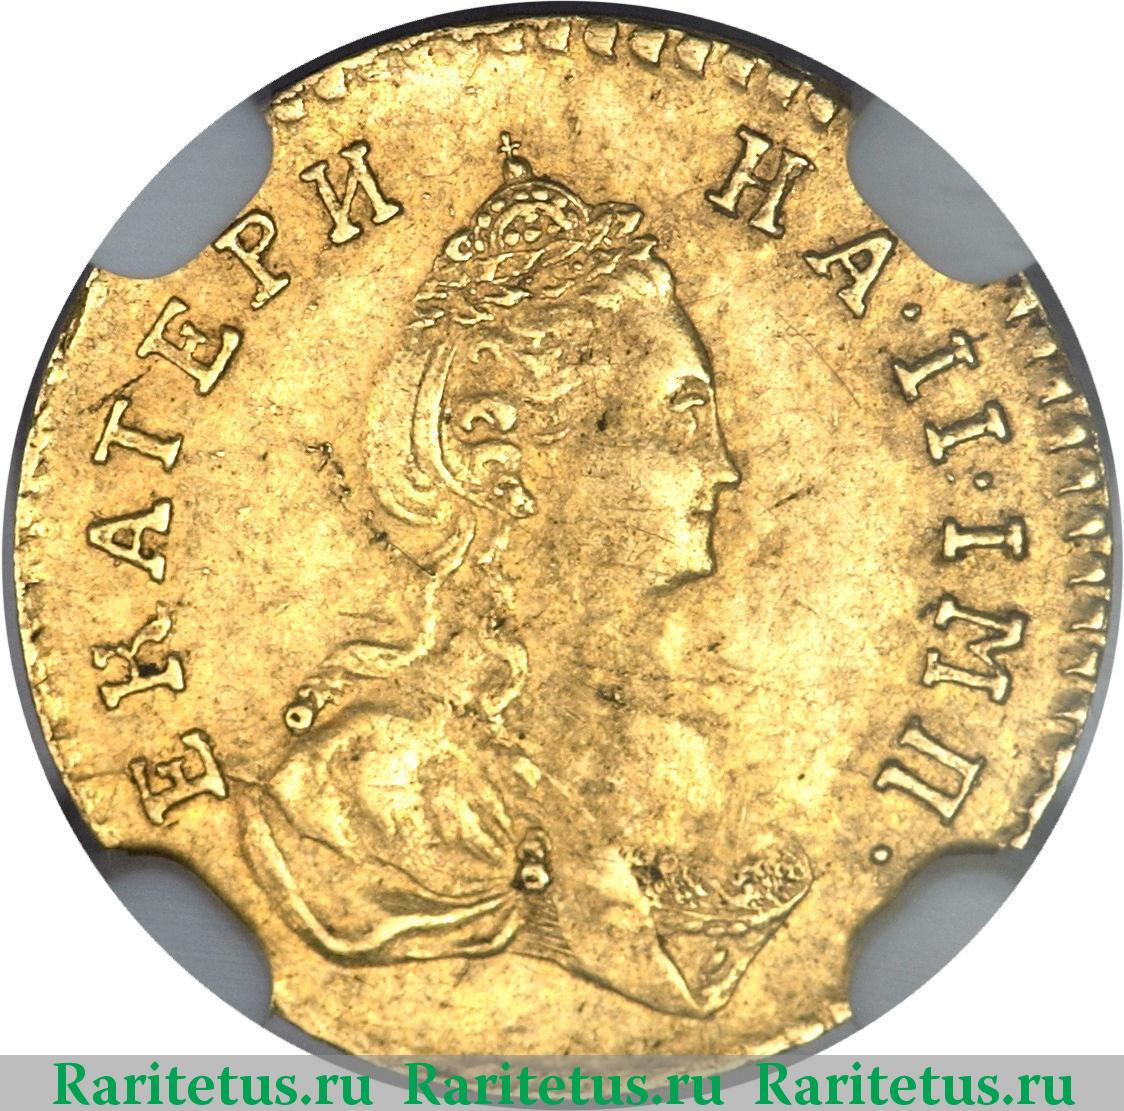 Полтина 1777 золото цена беннигсен леонтий леонтьевич 2 рубля